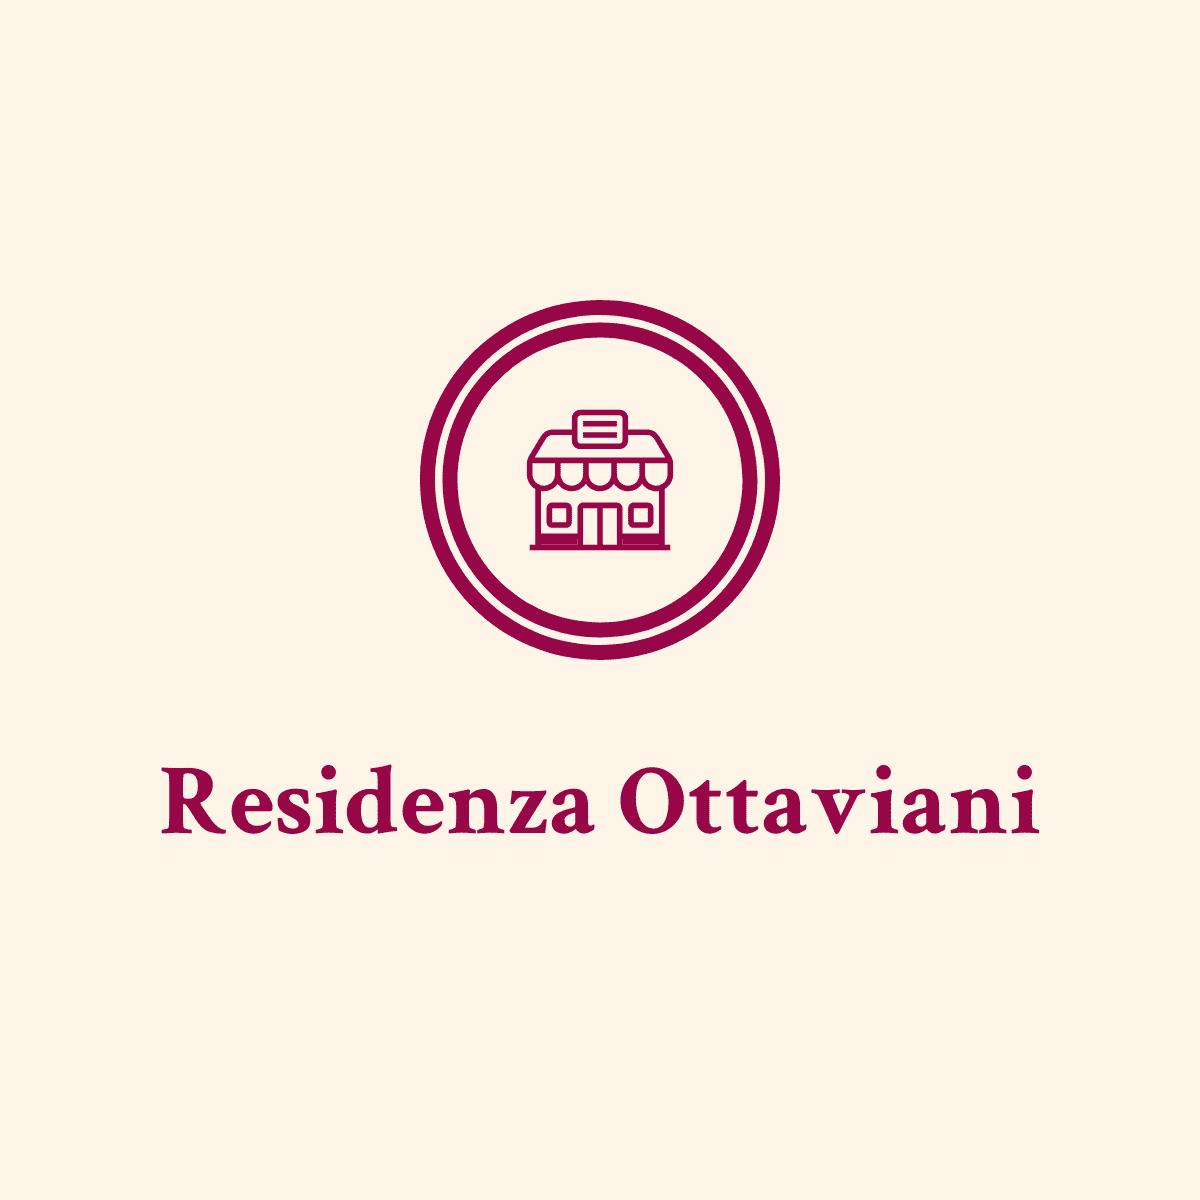 B & B Residenza Ottaviani